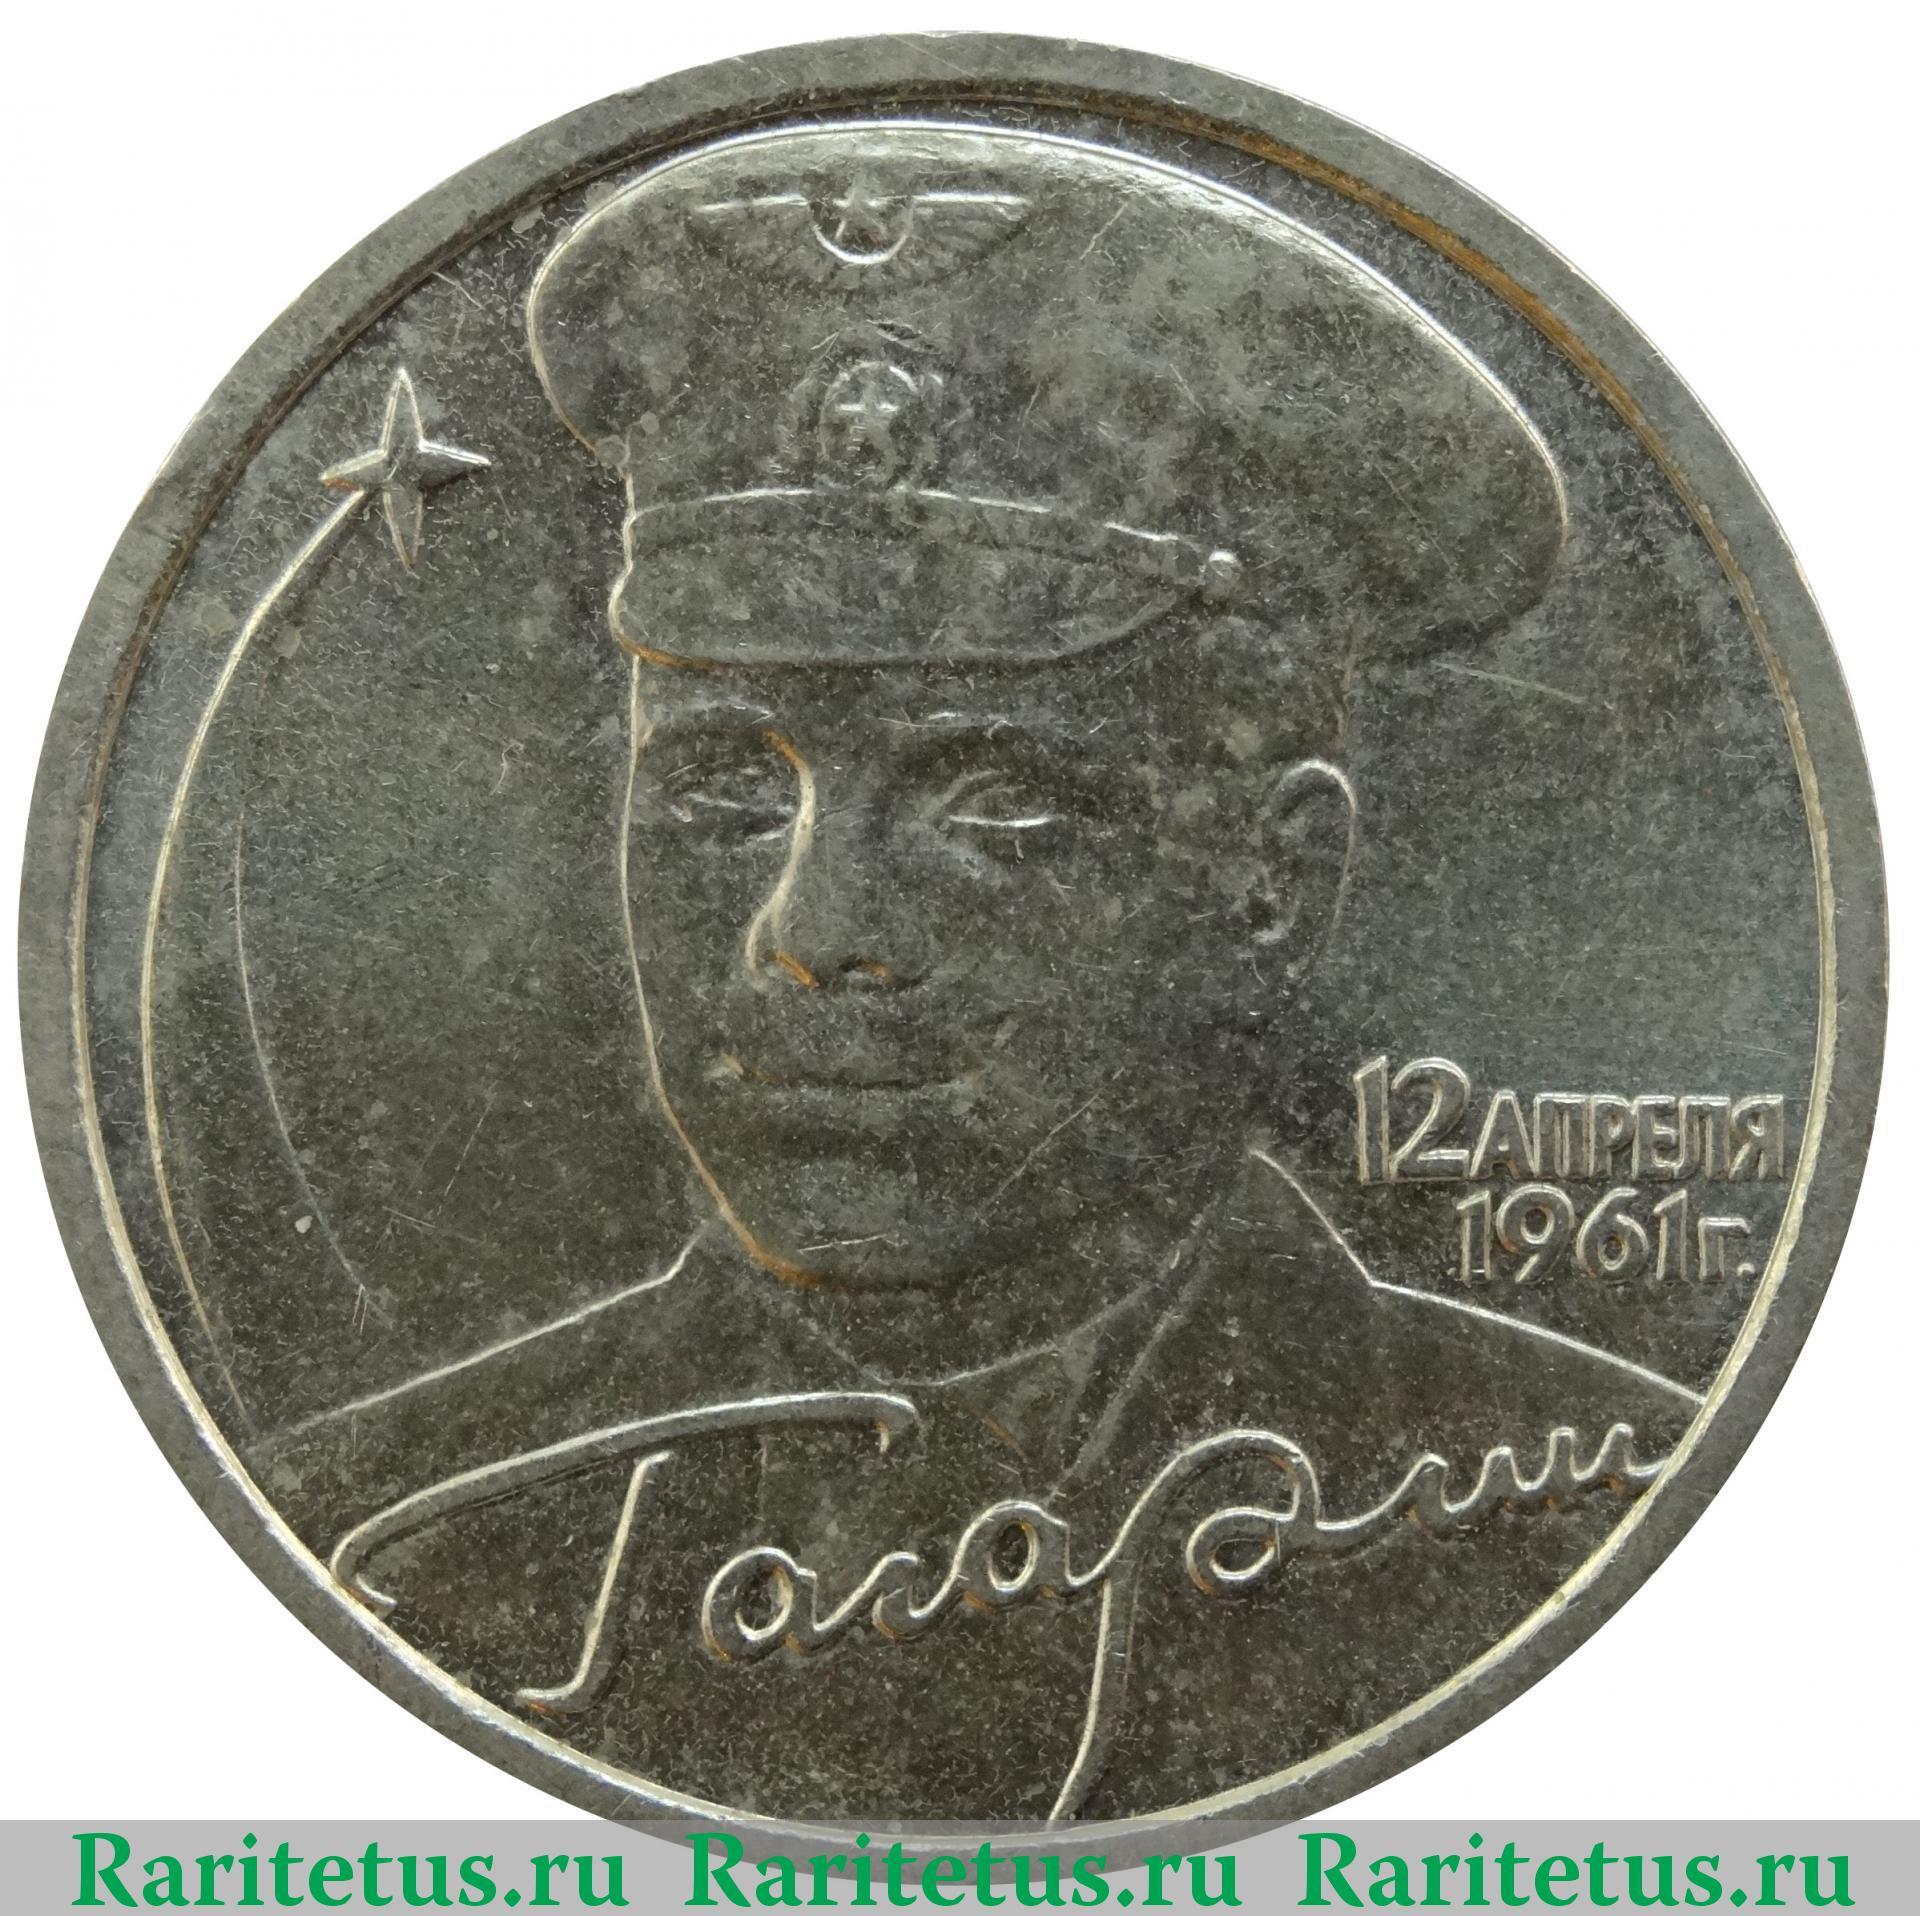 Стоимость монеты 2 рубля с гагариным голландский аукцион правила